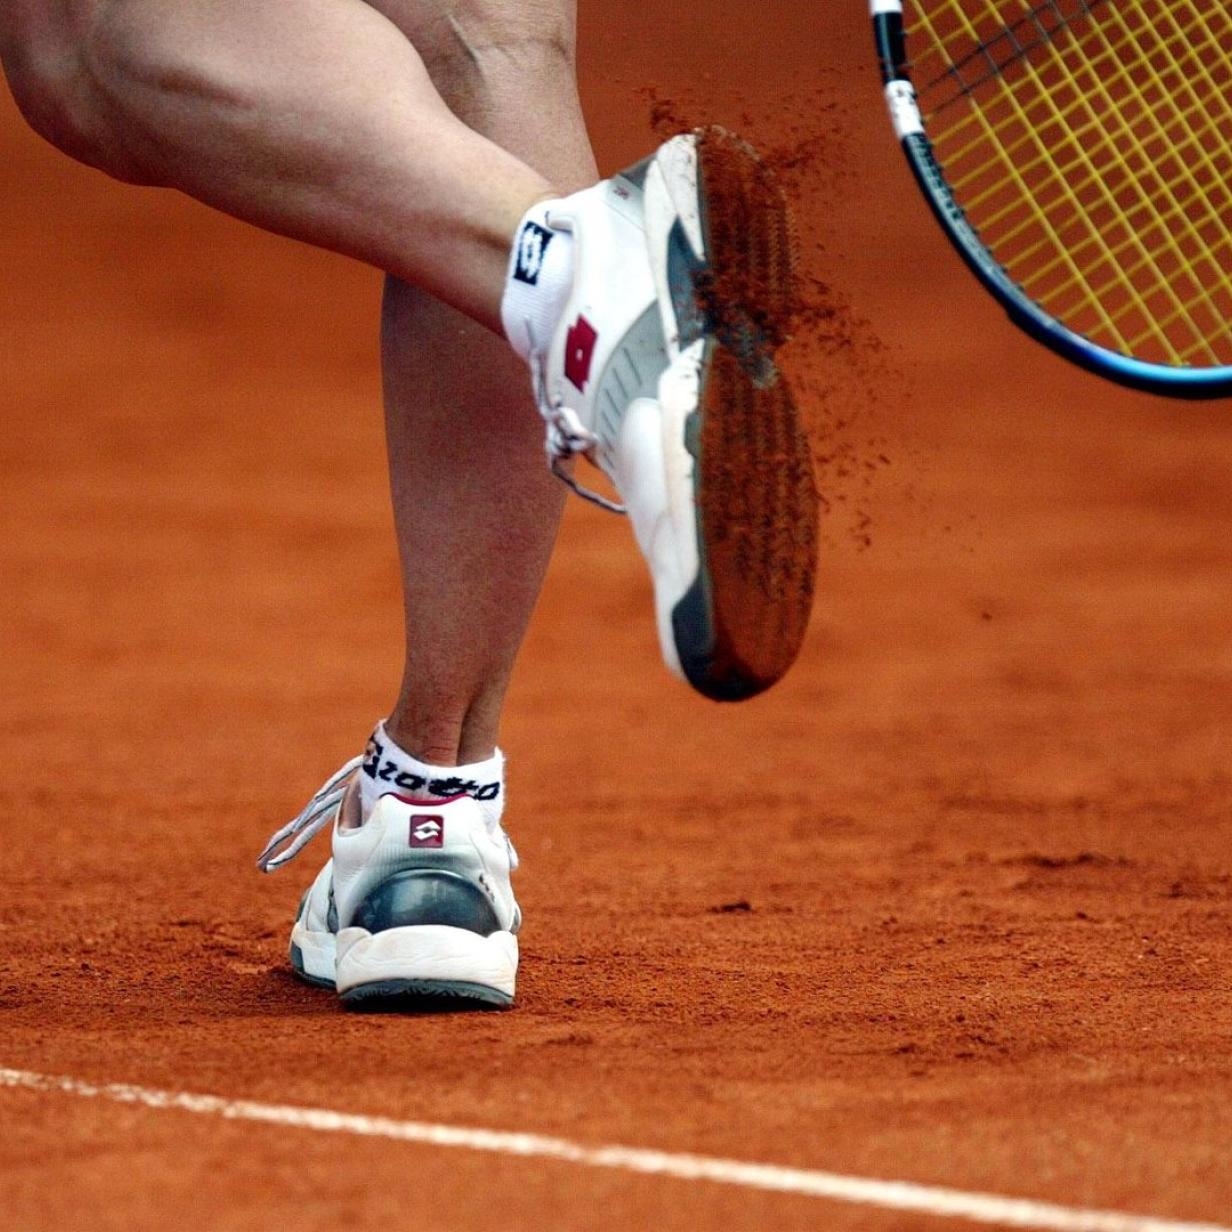 Tennis-Verband: Verwunderung über Kandidatur aus der Steiermark